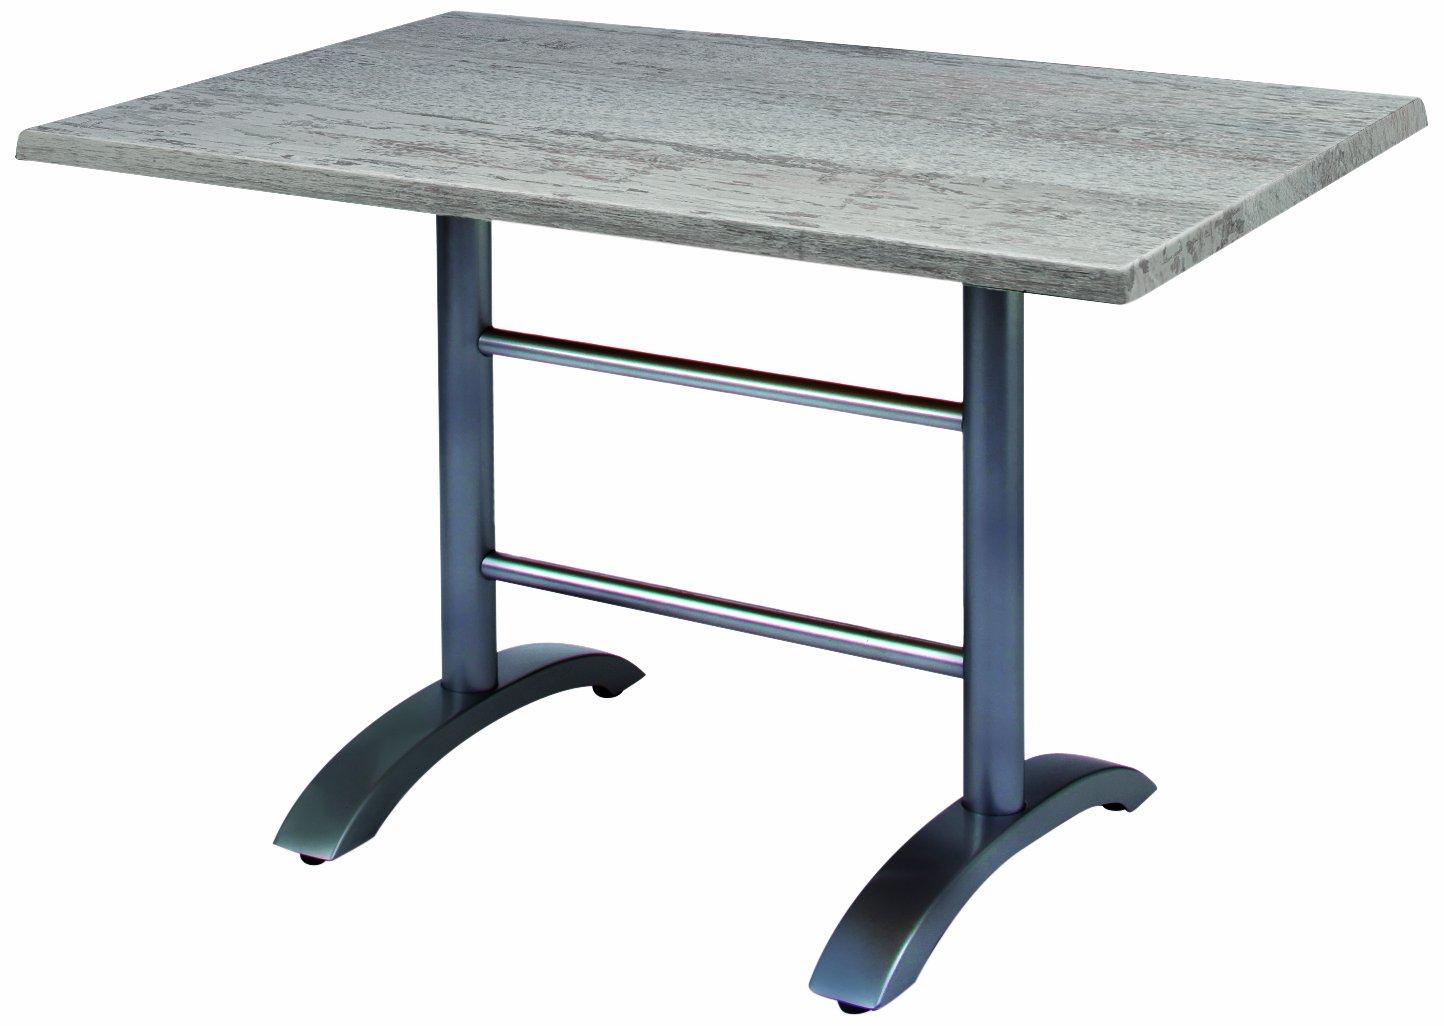 BEST 43541589 Tisch Maestro rechteckig 120 x 80 cm, anthrazit / Montpellier